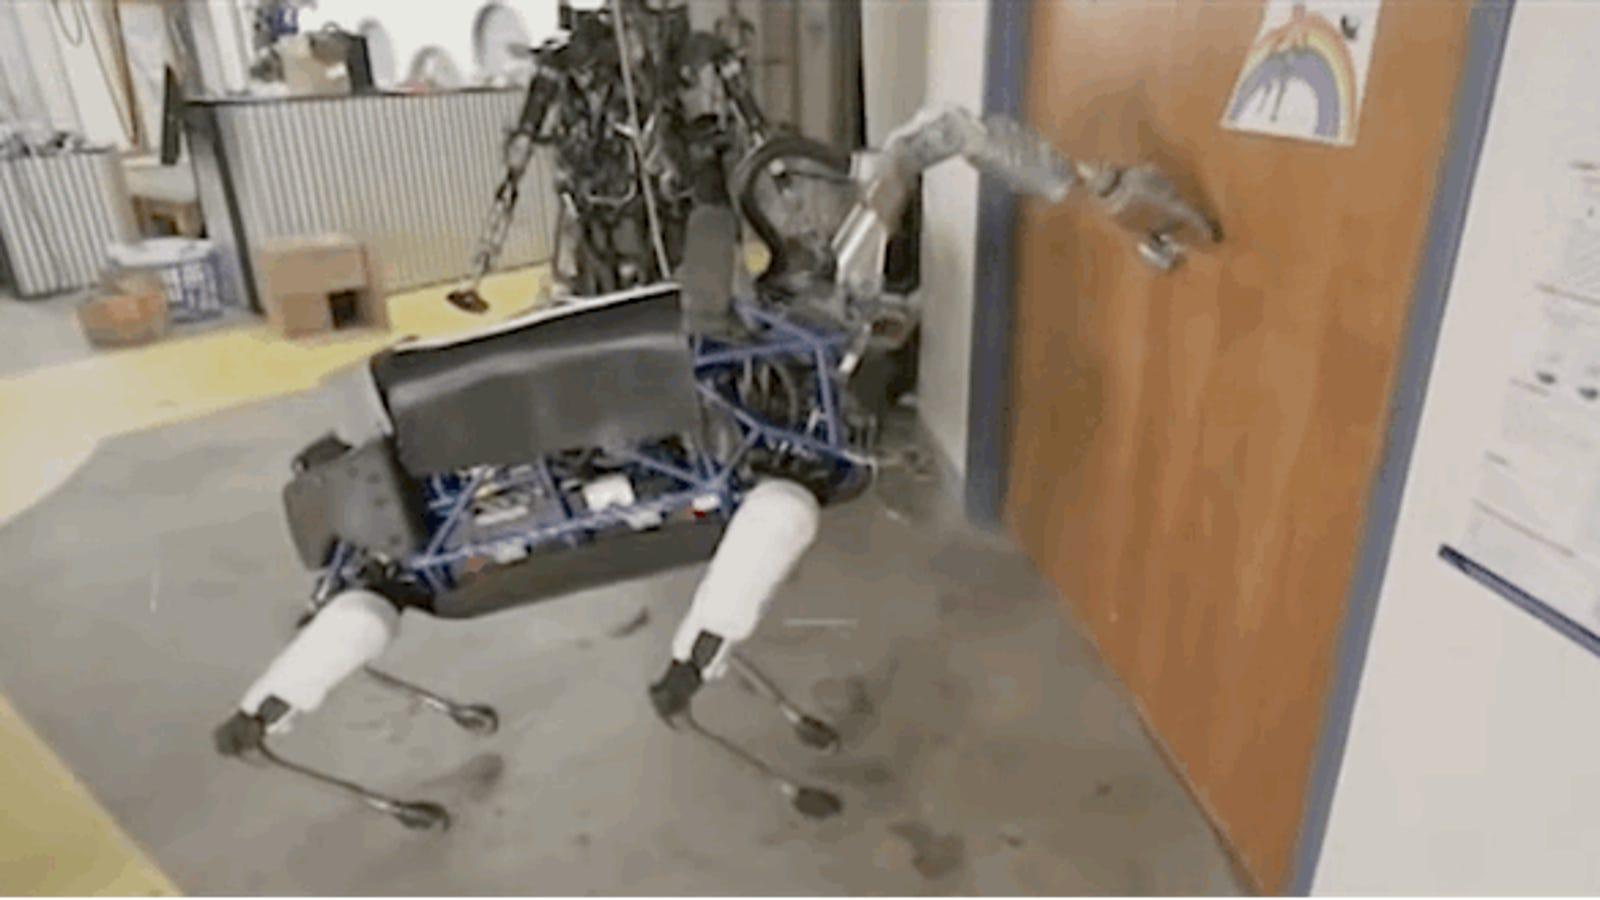 Los robots de Boston Dynamics ya abren puertas y caminan en exteriores